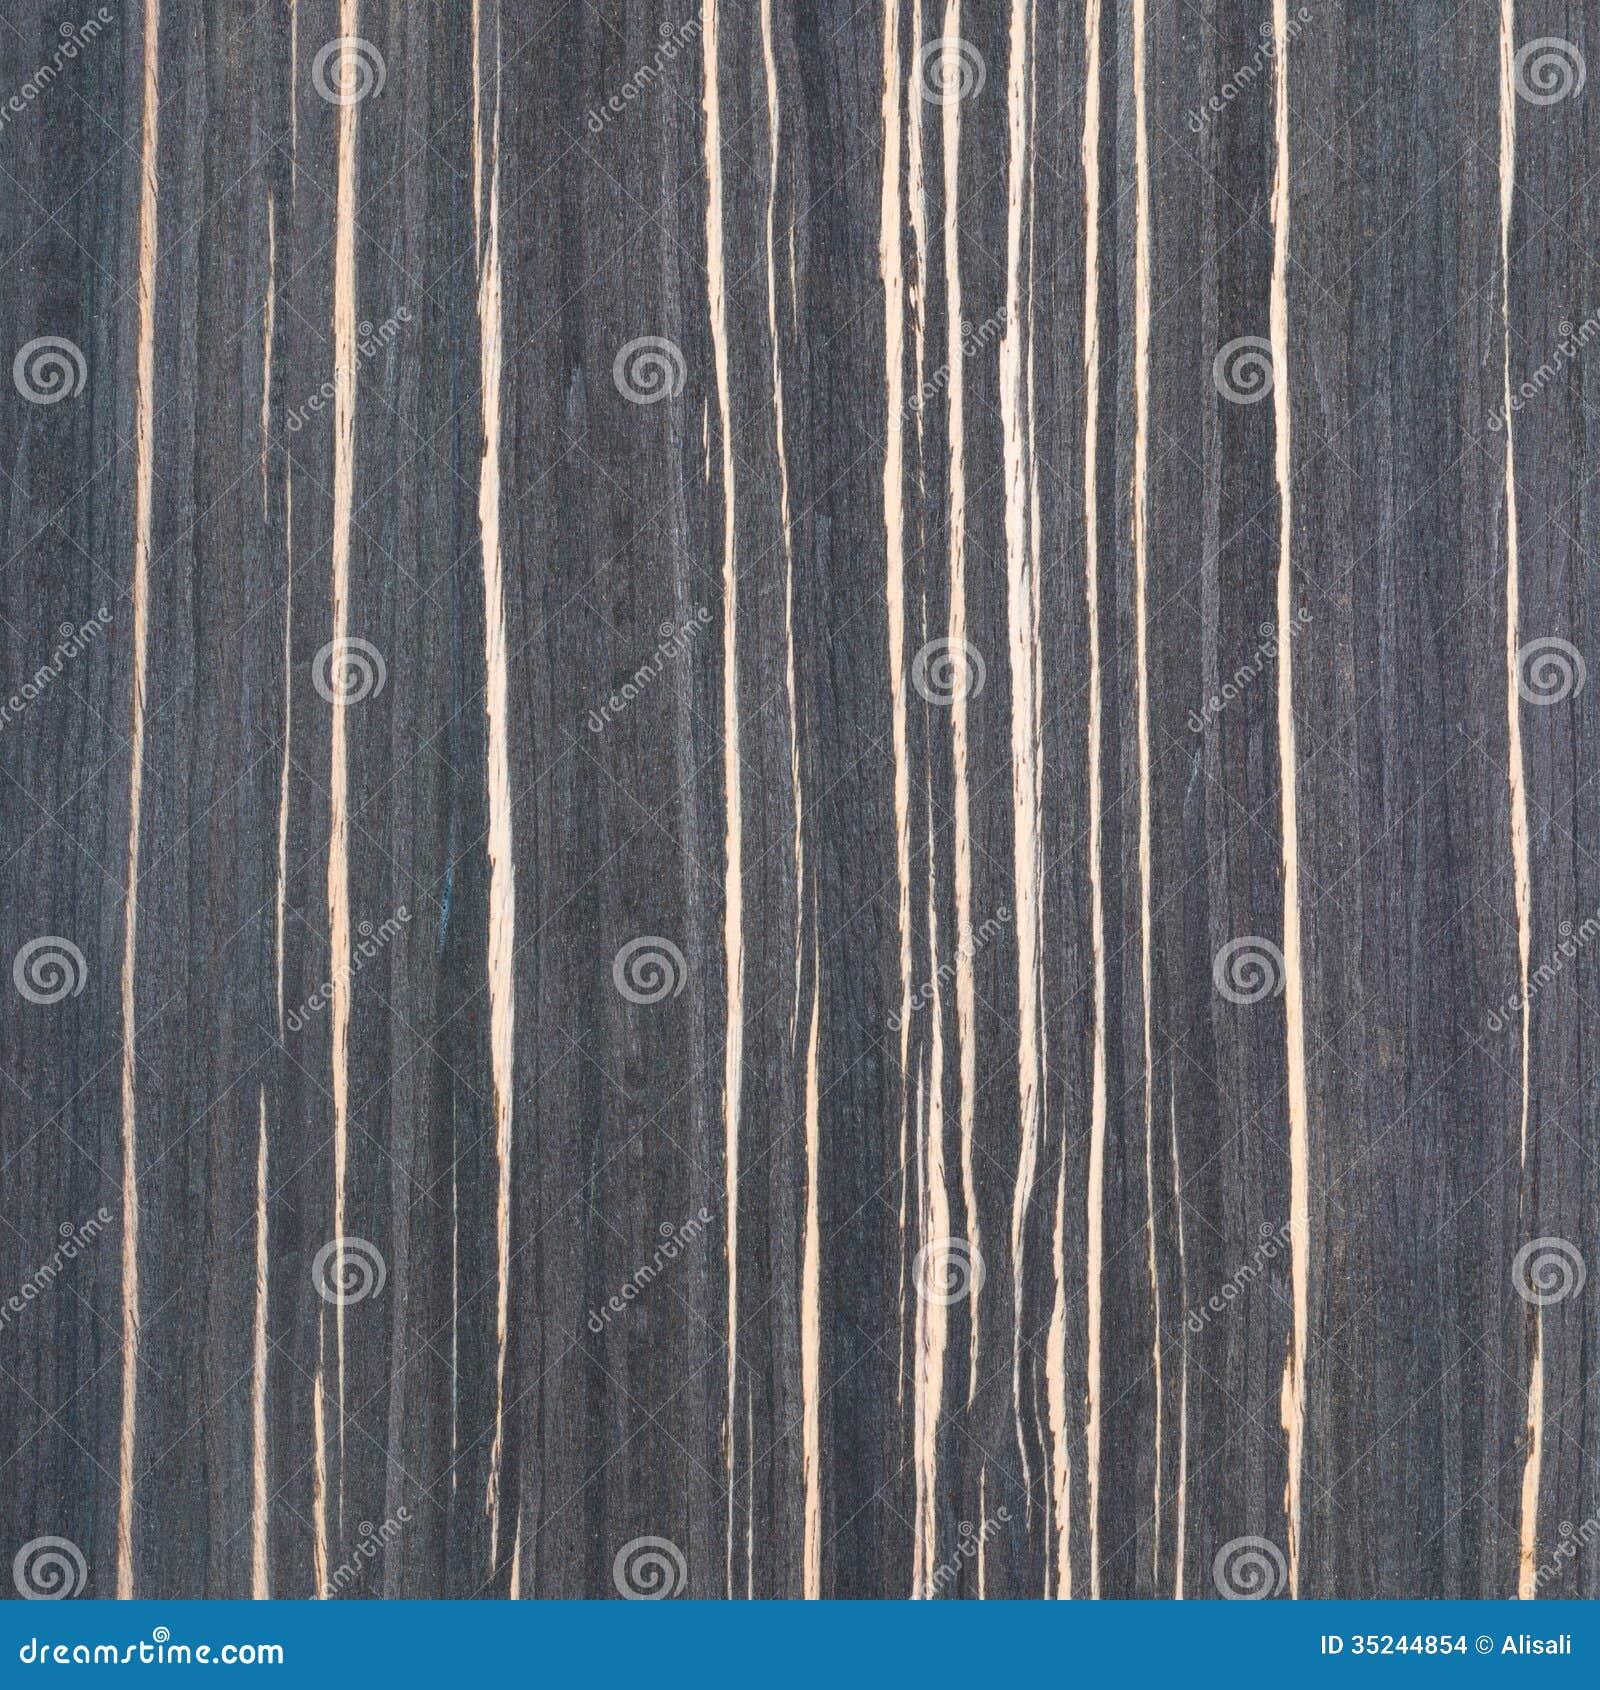 Ebony Wood Texture Stock Images Image 35244854